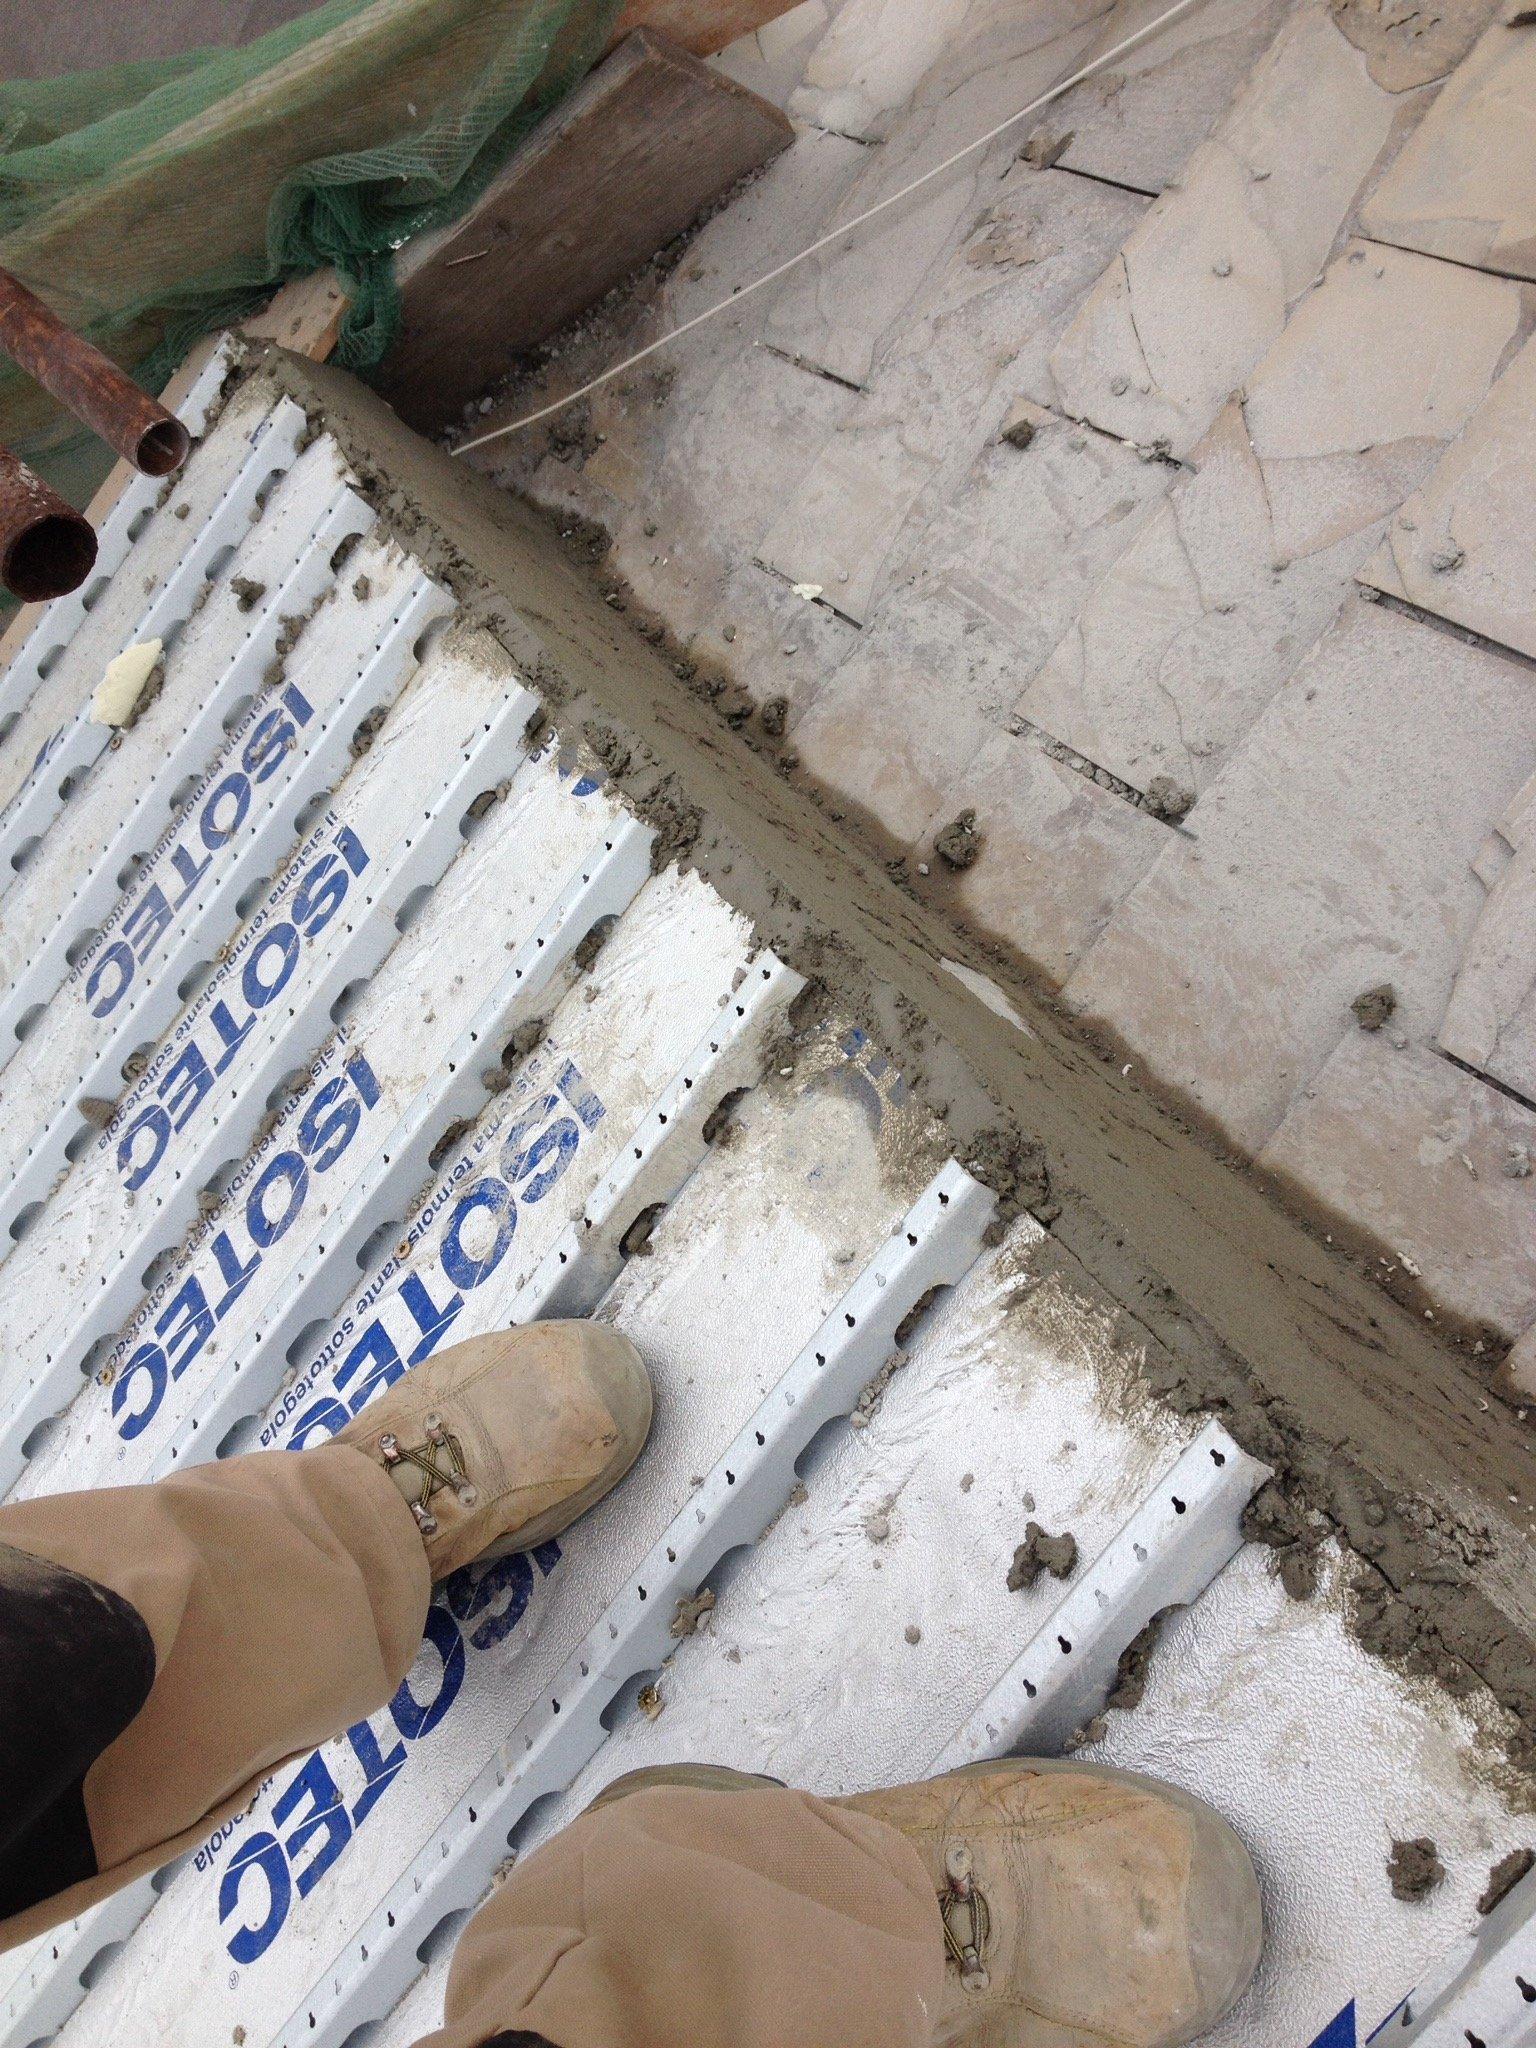 Individuo con stivali anti-infortunistica in piedi su una copertura